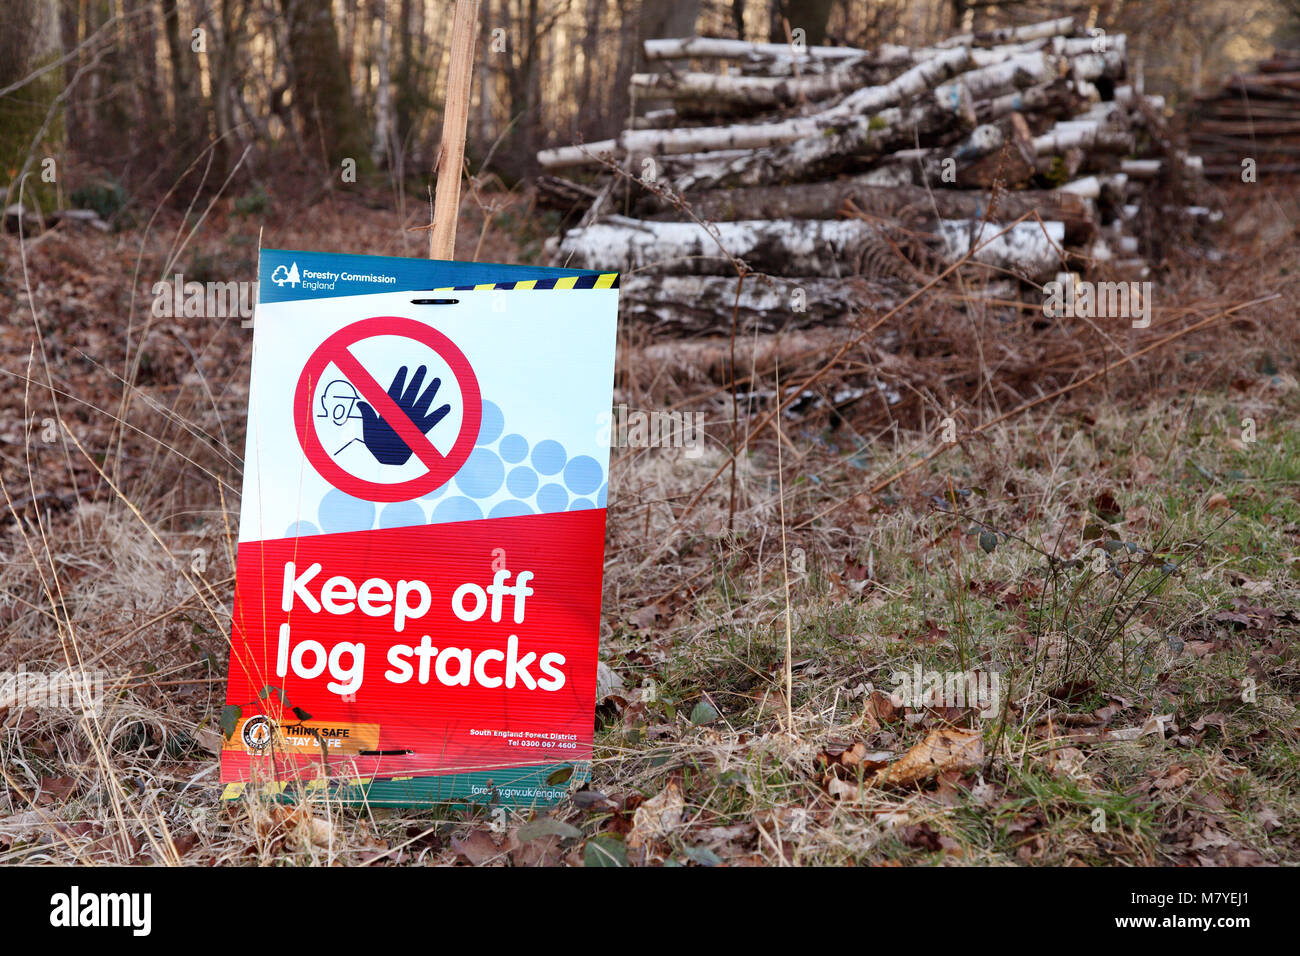 Segno di avvertimento del pericolo di grandi pile di log e il log di pile. Tenere lontane le pile di registro! Immagini Stock